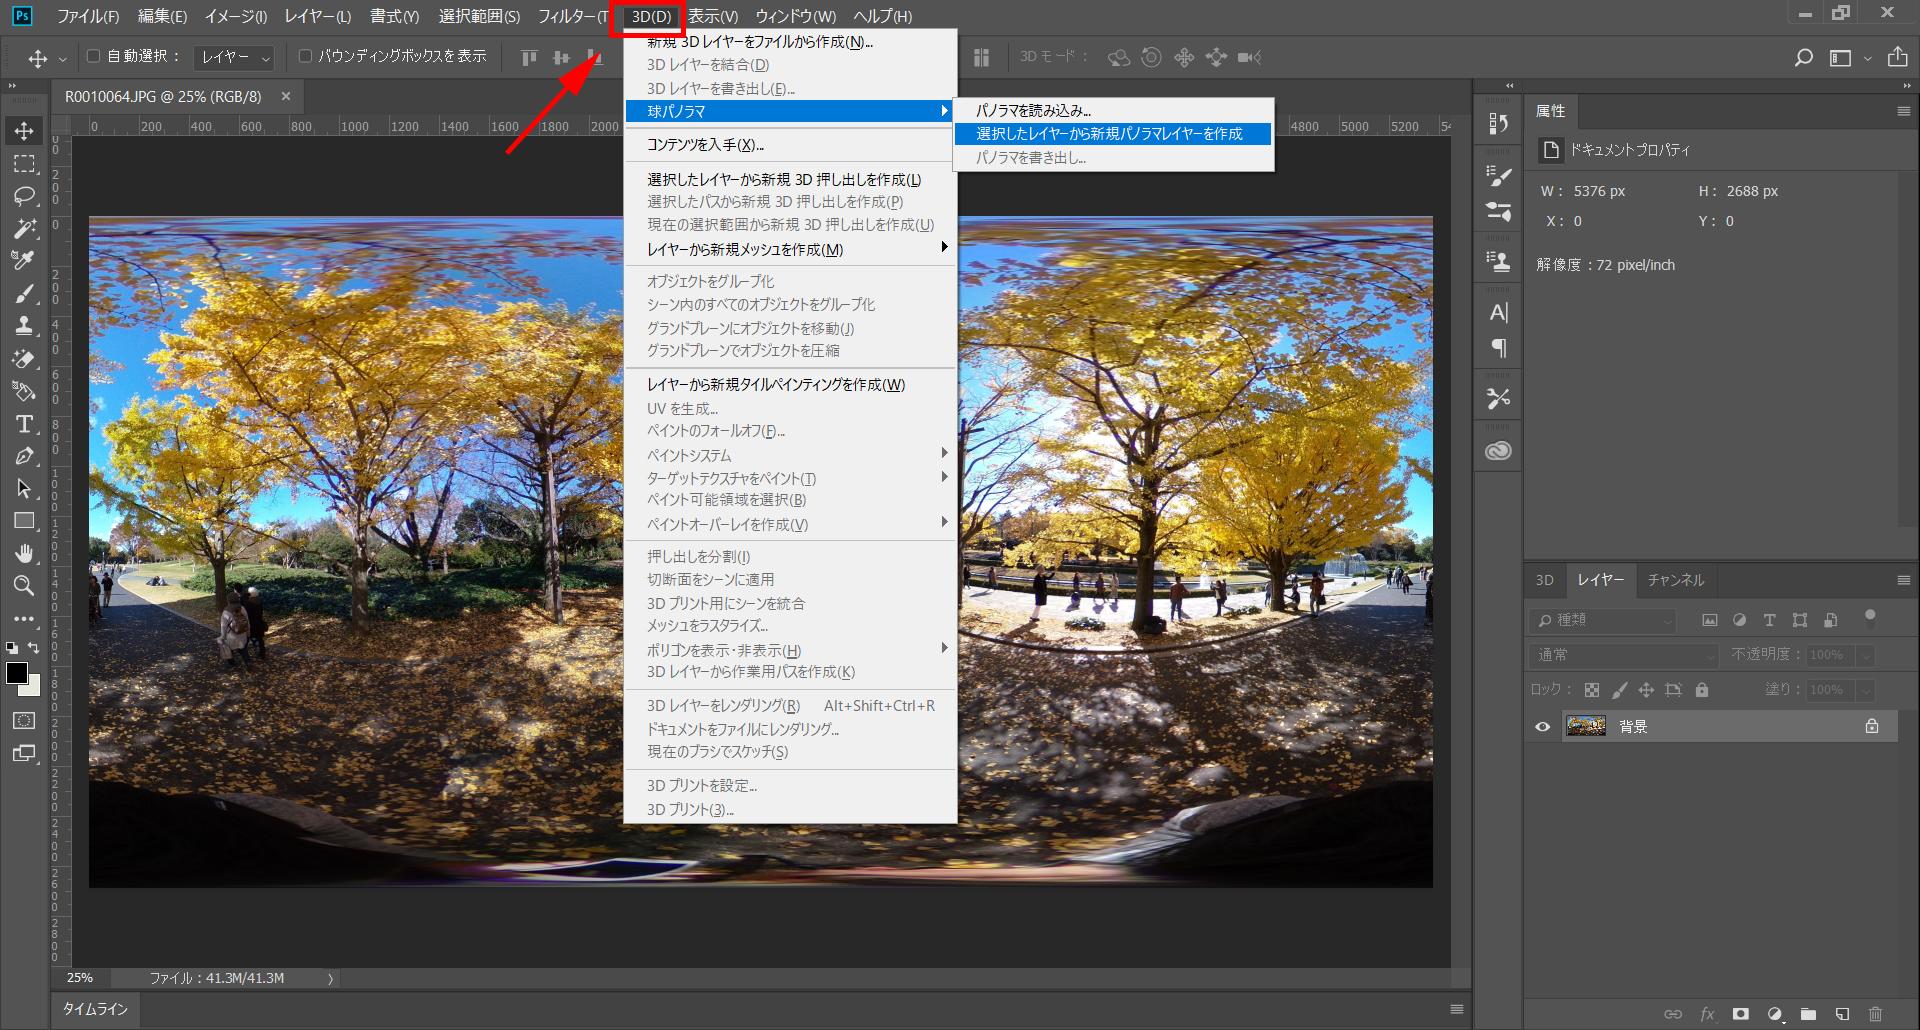 Adobe Photoshop_選択したレイヤーから新規パノラマレイヤーを作成